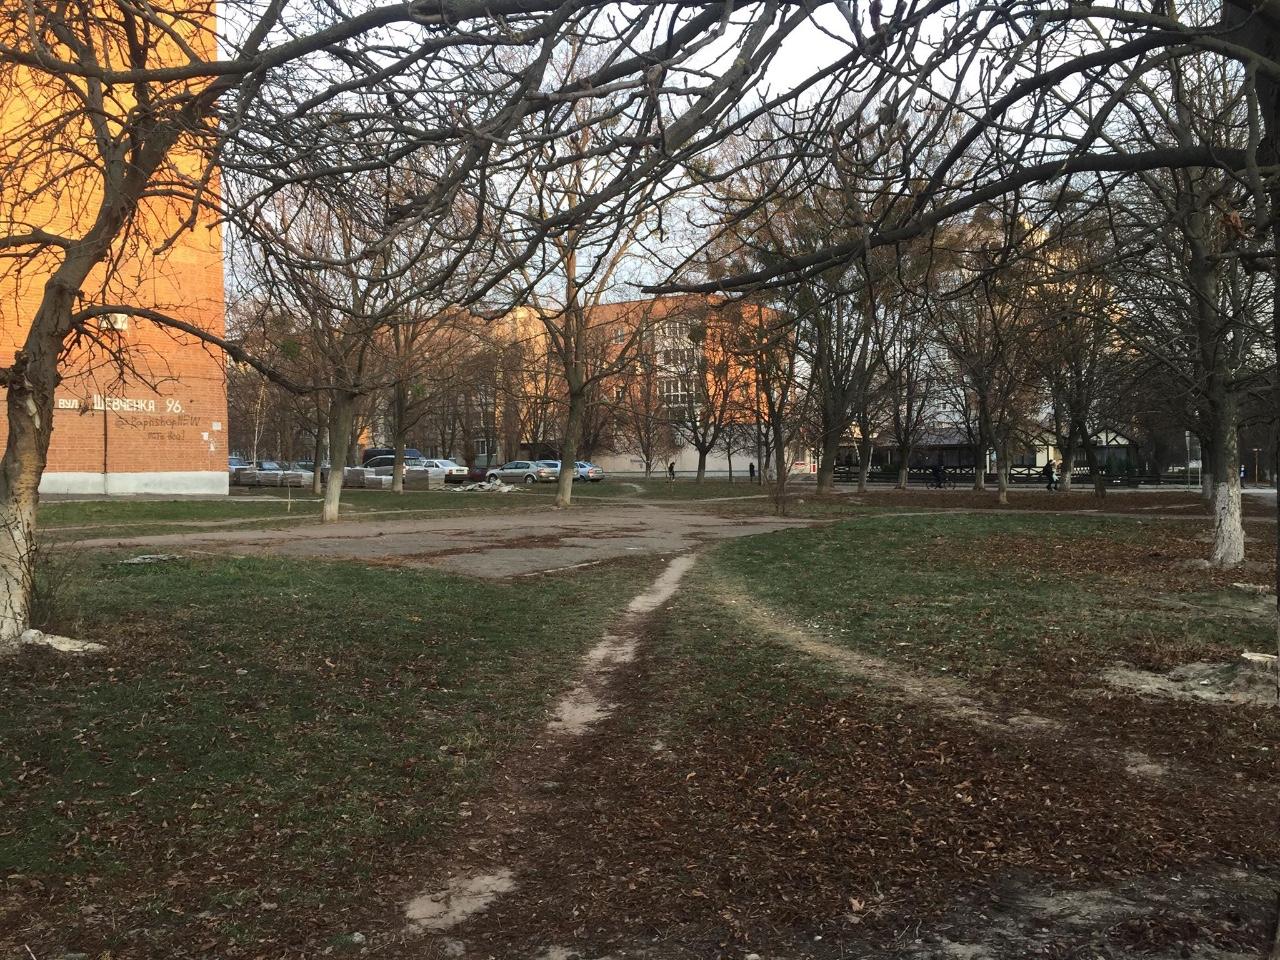 Дерев, тротуару не буде. Буде багатоповерхівка. І знову за 100 000 доларів хабаря.